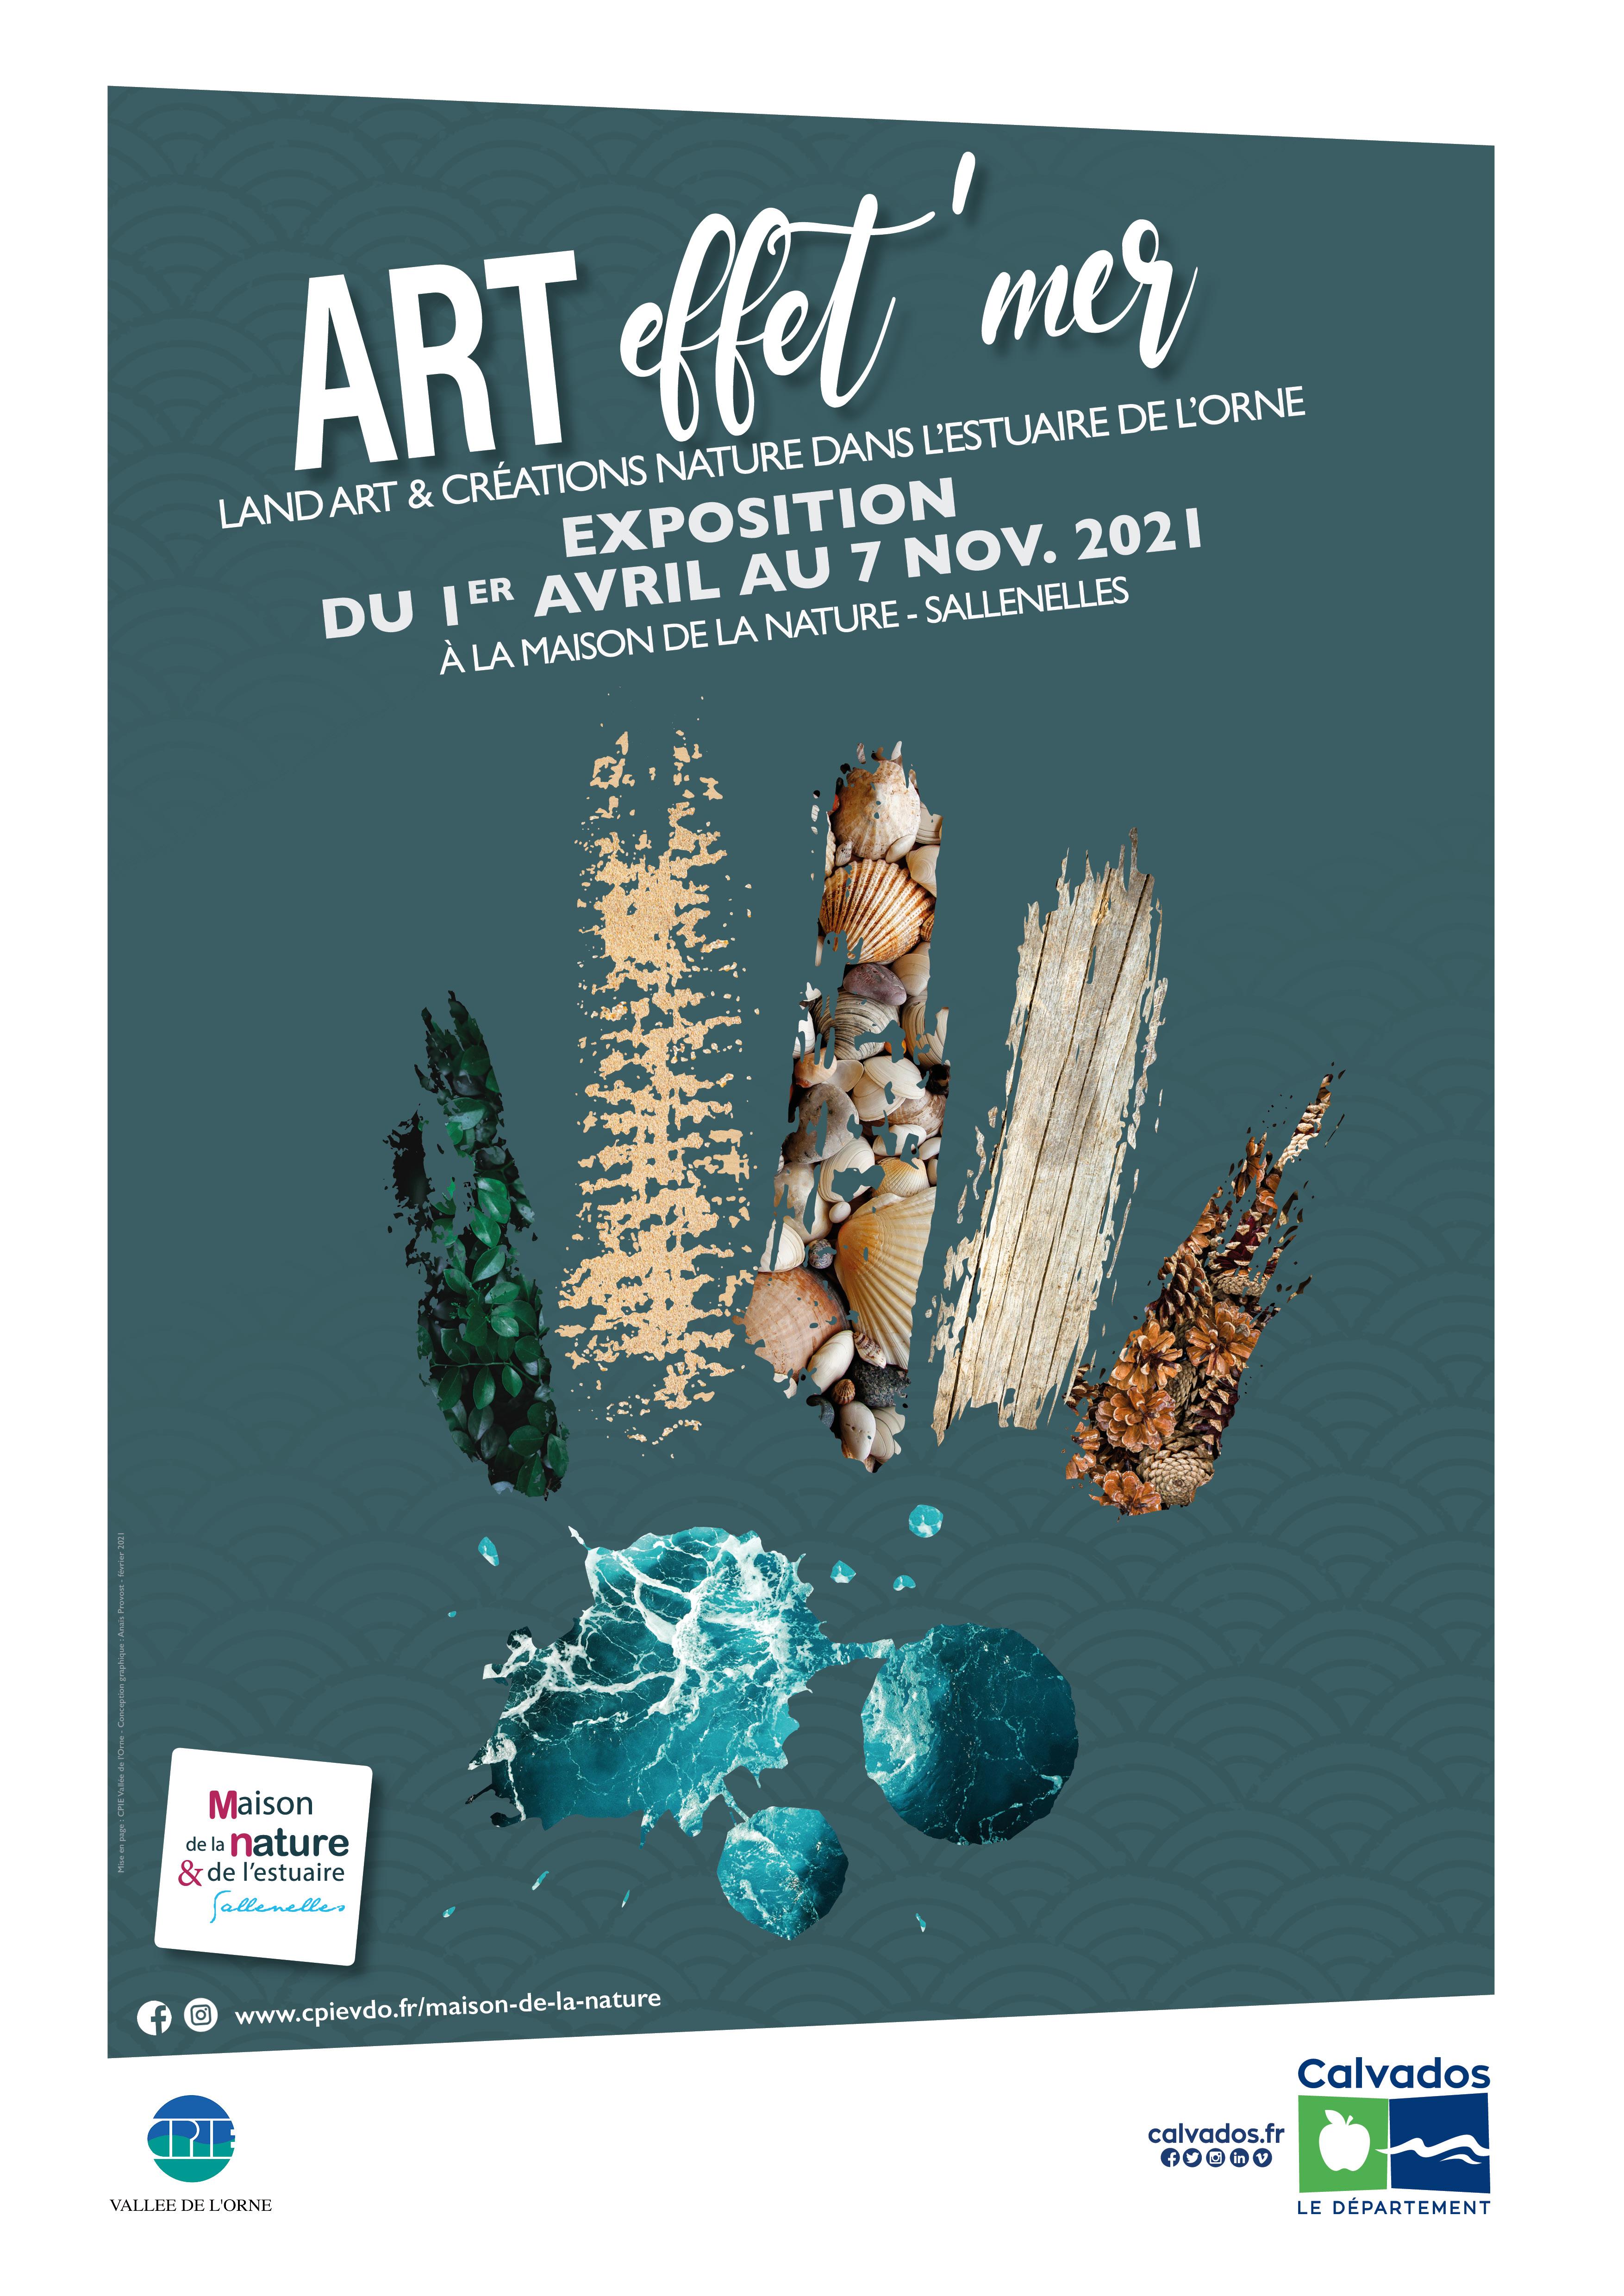 Exposition ART effet'mer